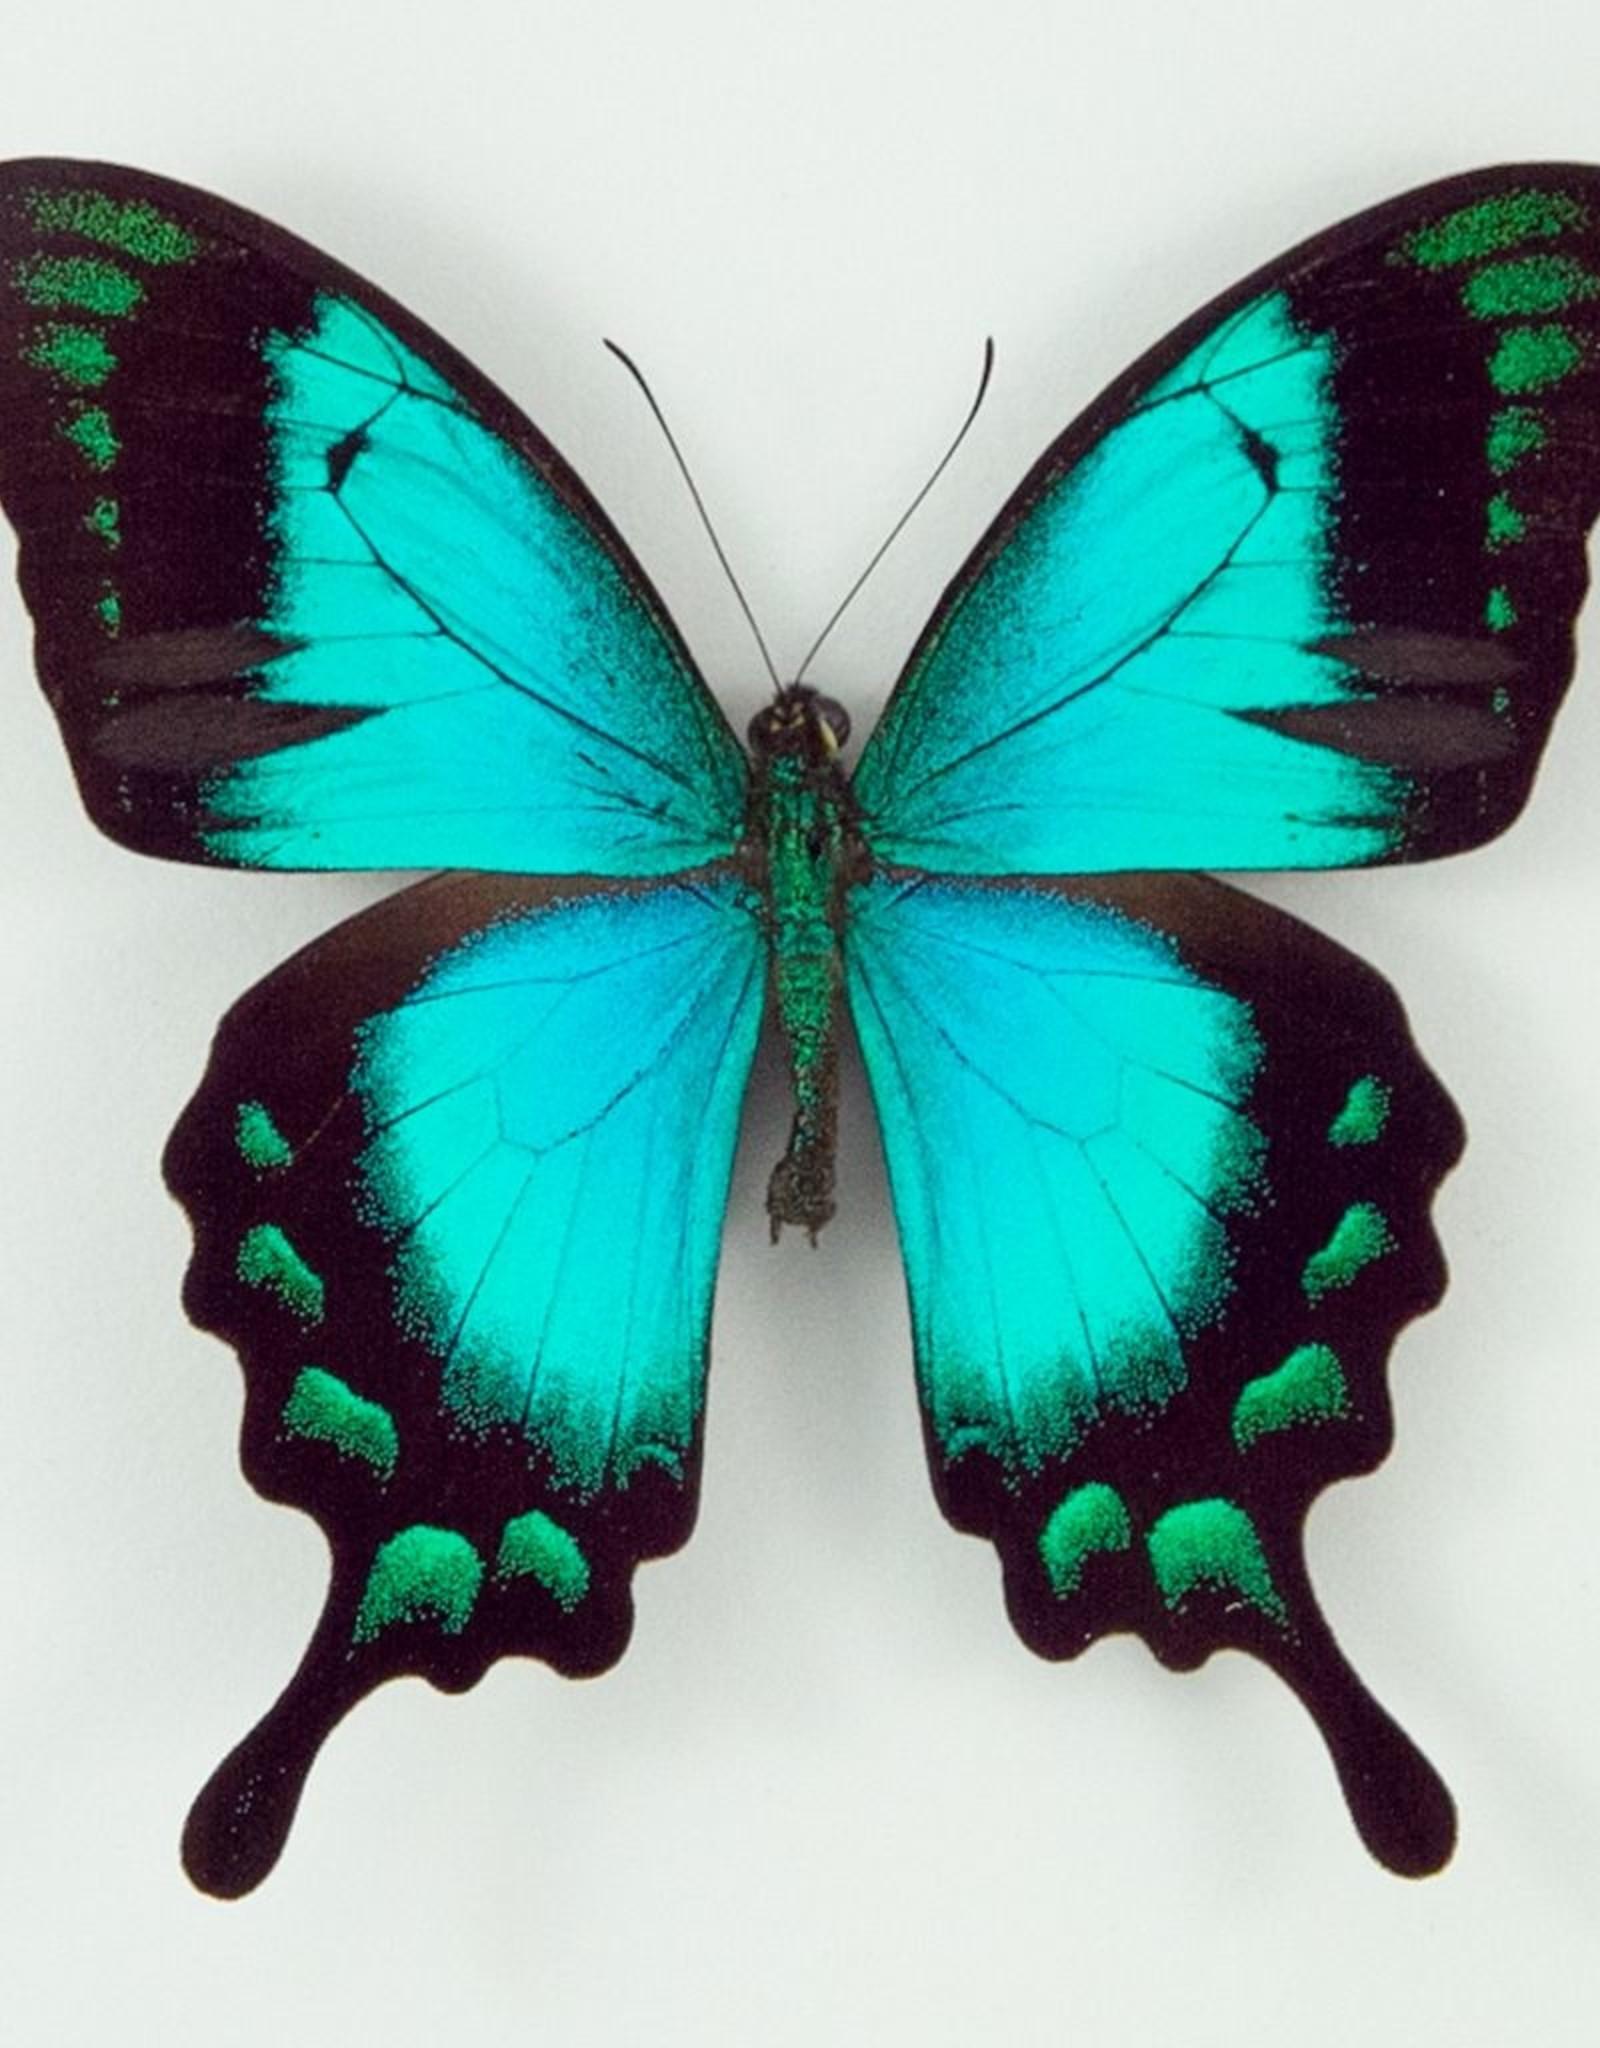 Papilio lorquinianus albertisi M A1 Indonesia